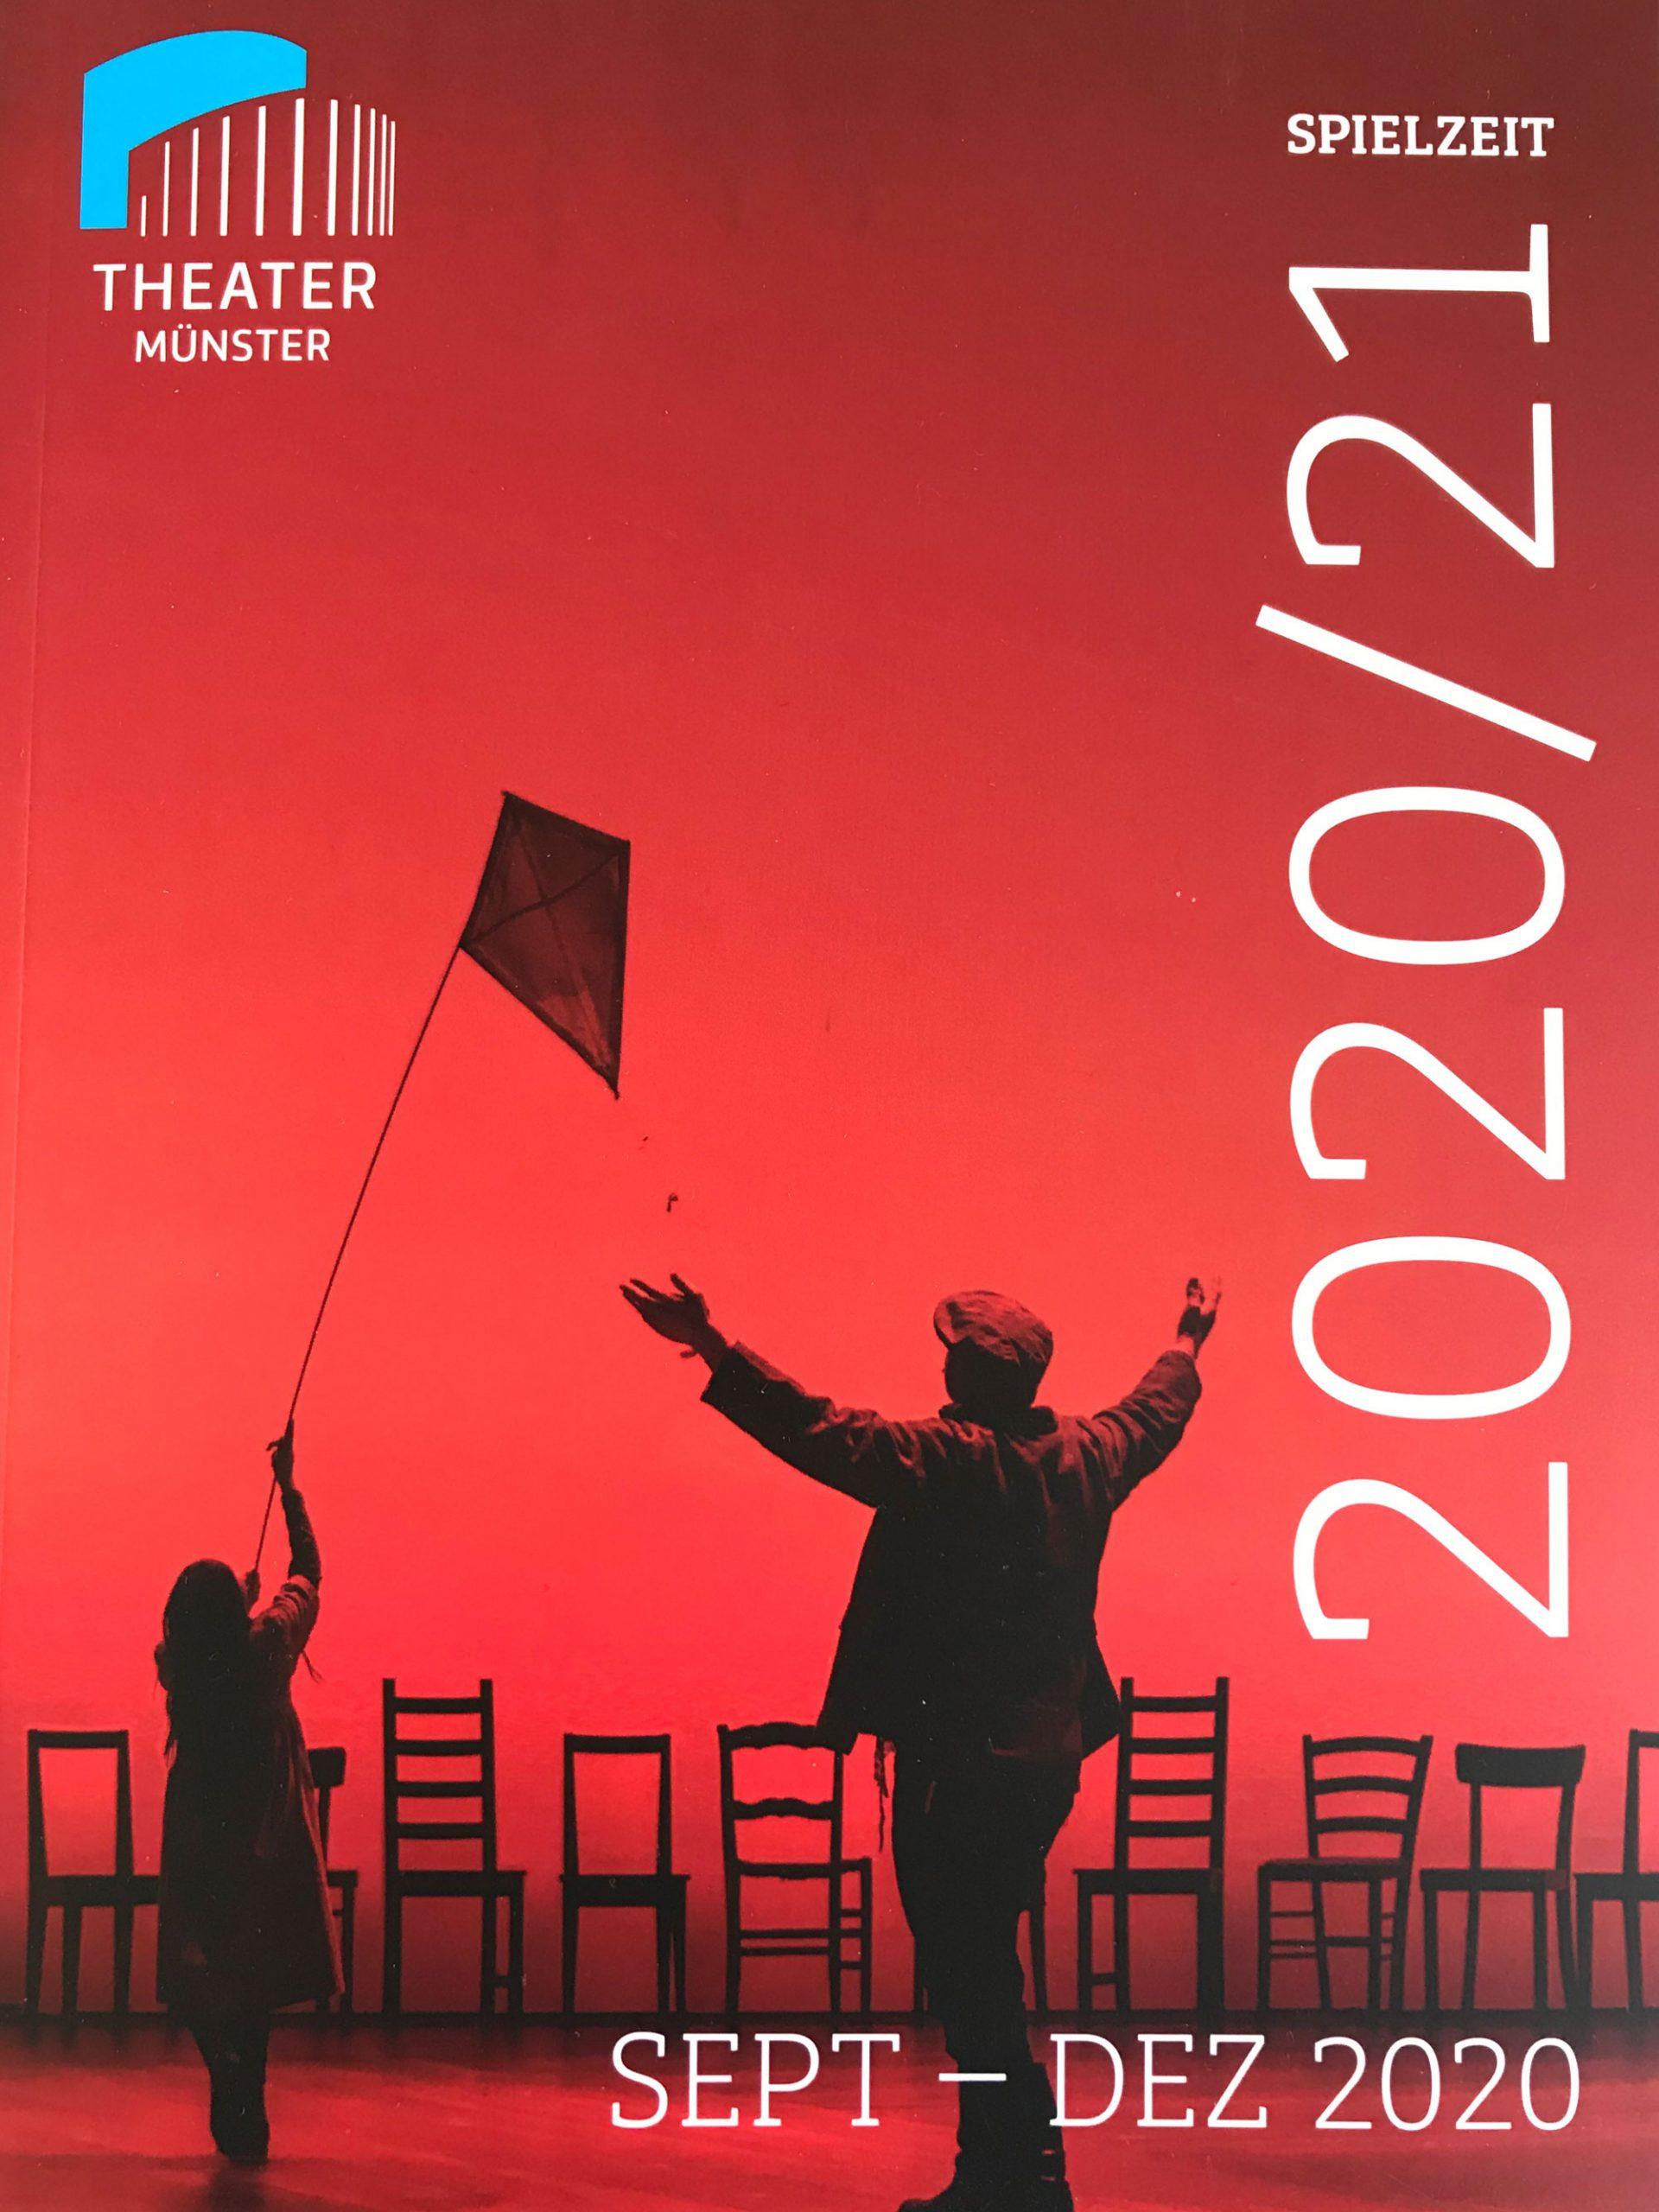 Titel des Spielzeitheftes des Theater Münster 2020/21